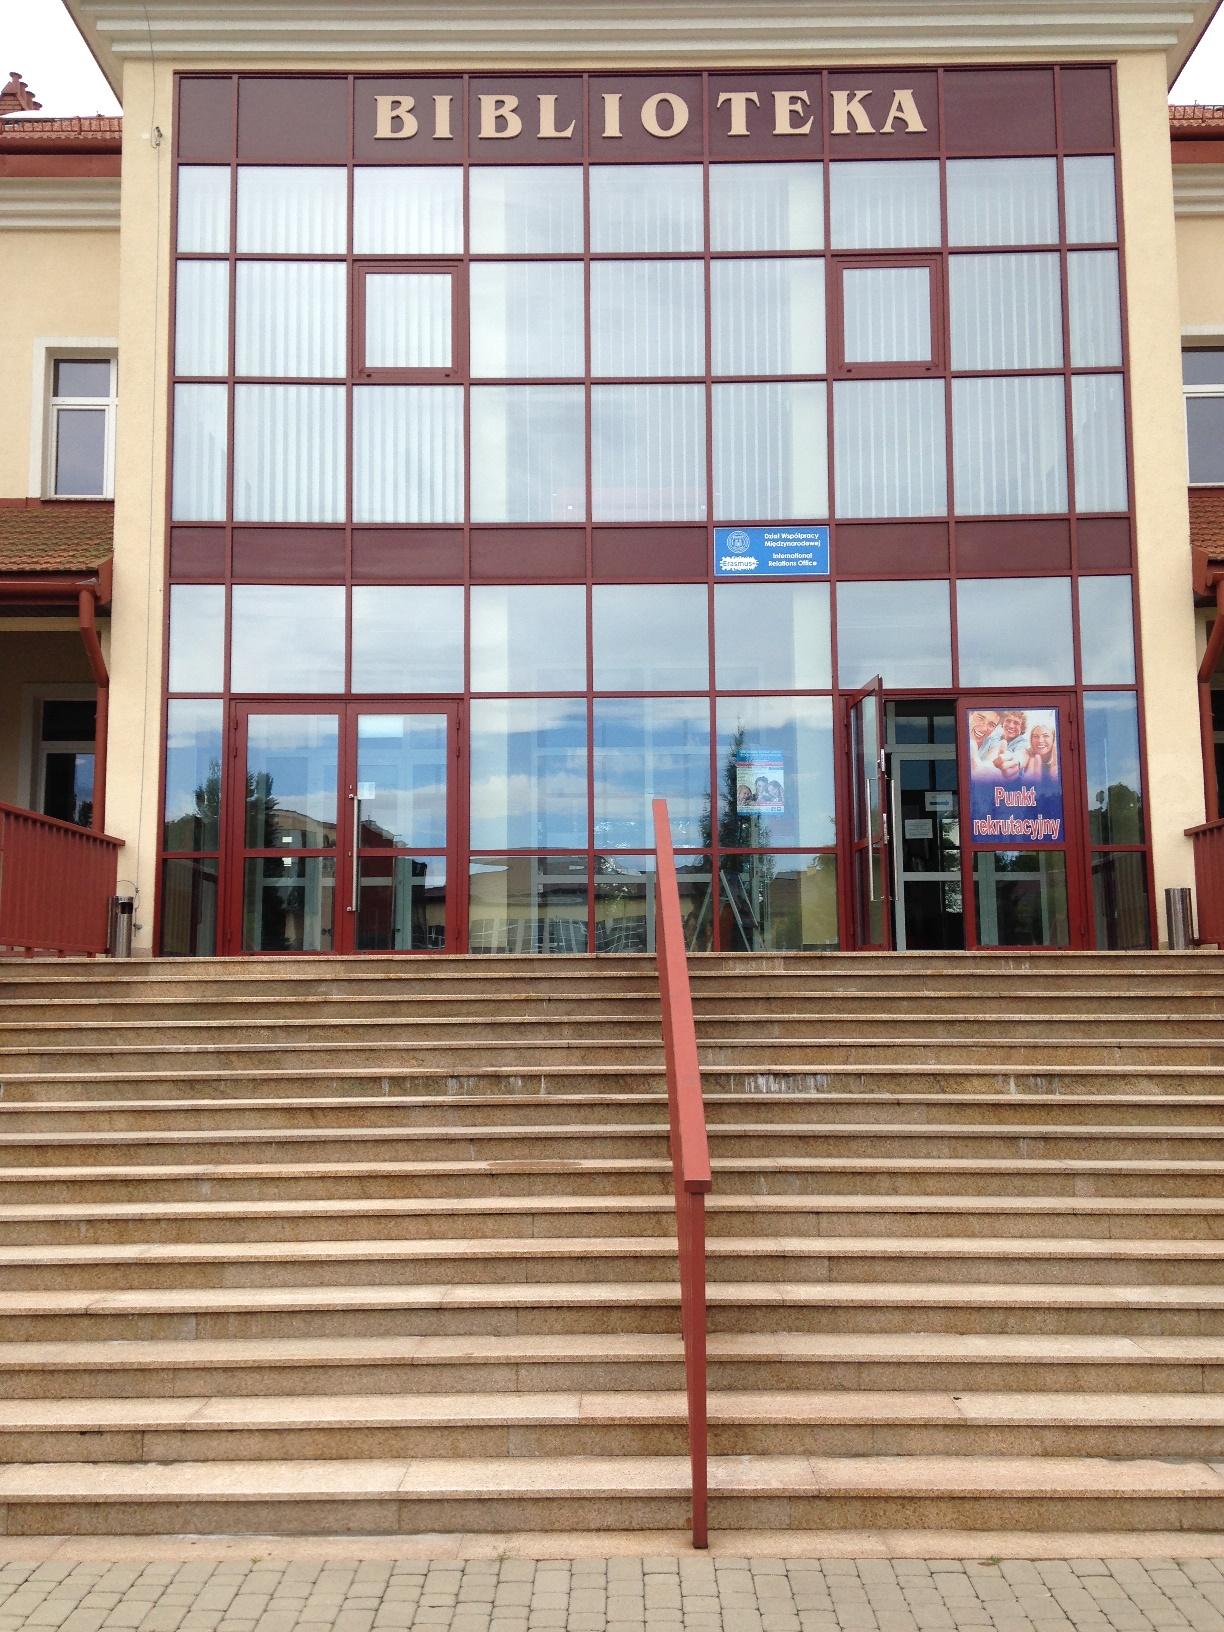 Wejście od strony kampusu Państwowej Wyższej Szkoły Techniczno-Ekonomicznej